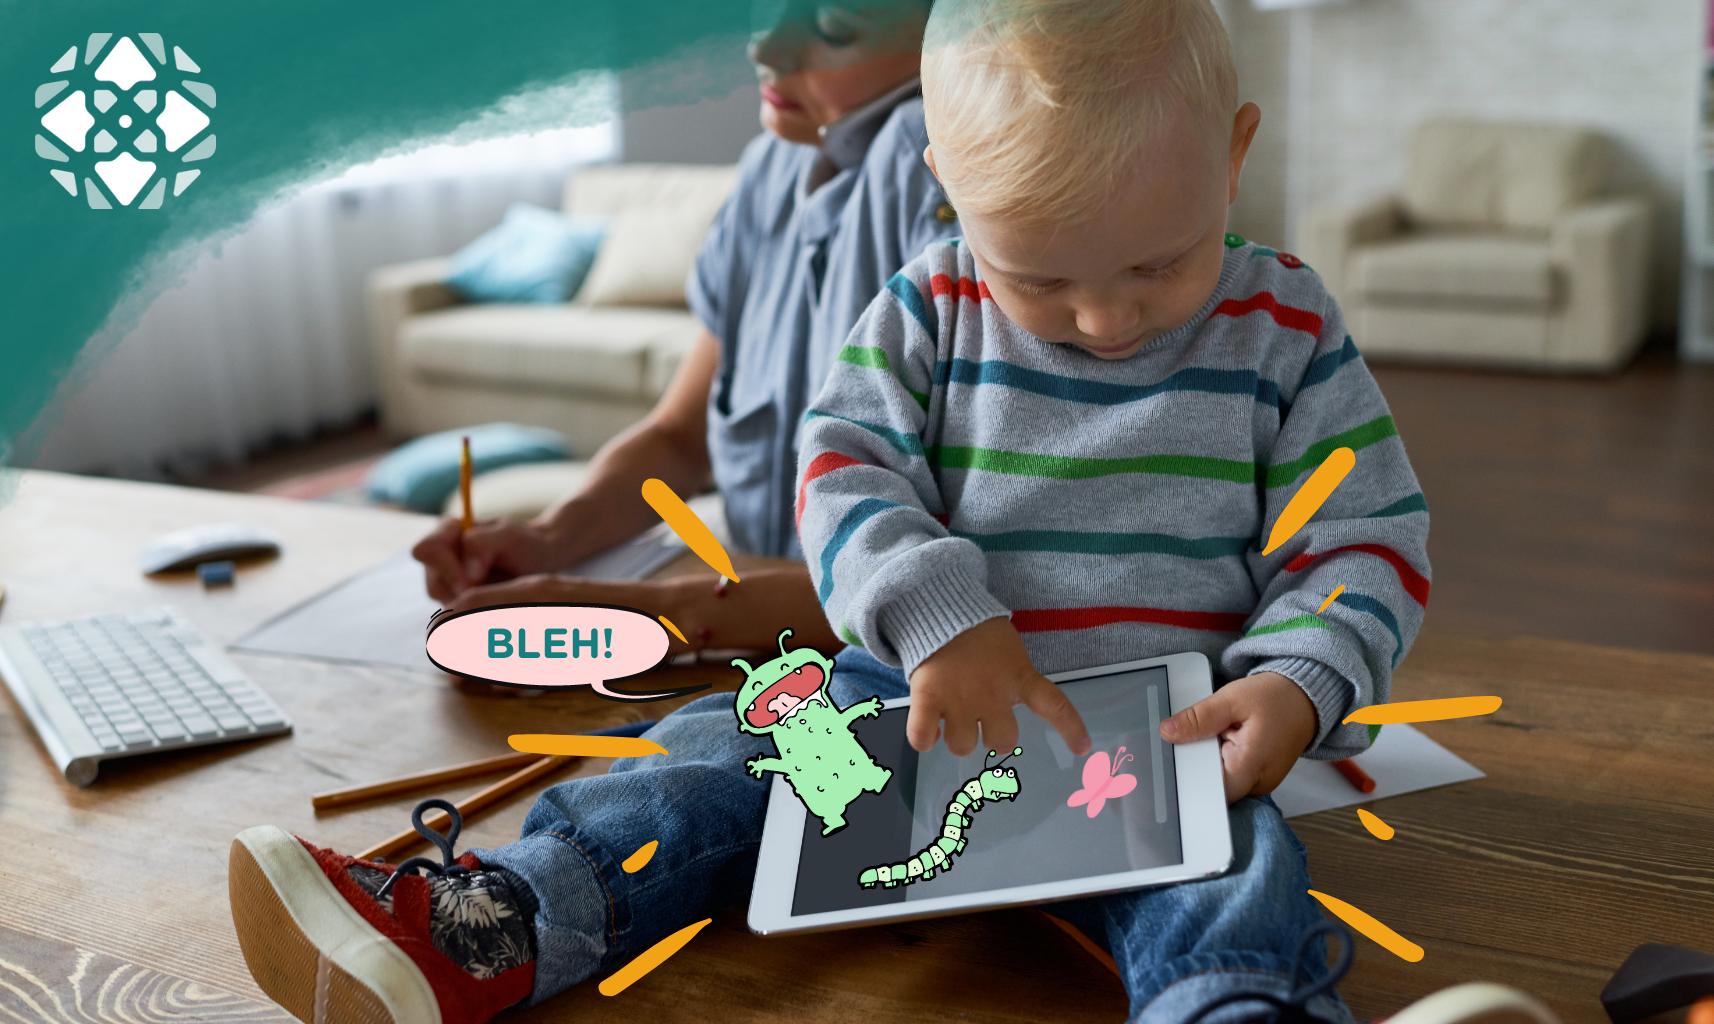 kids technology screens